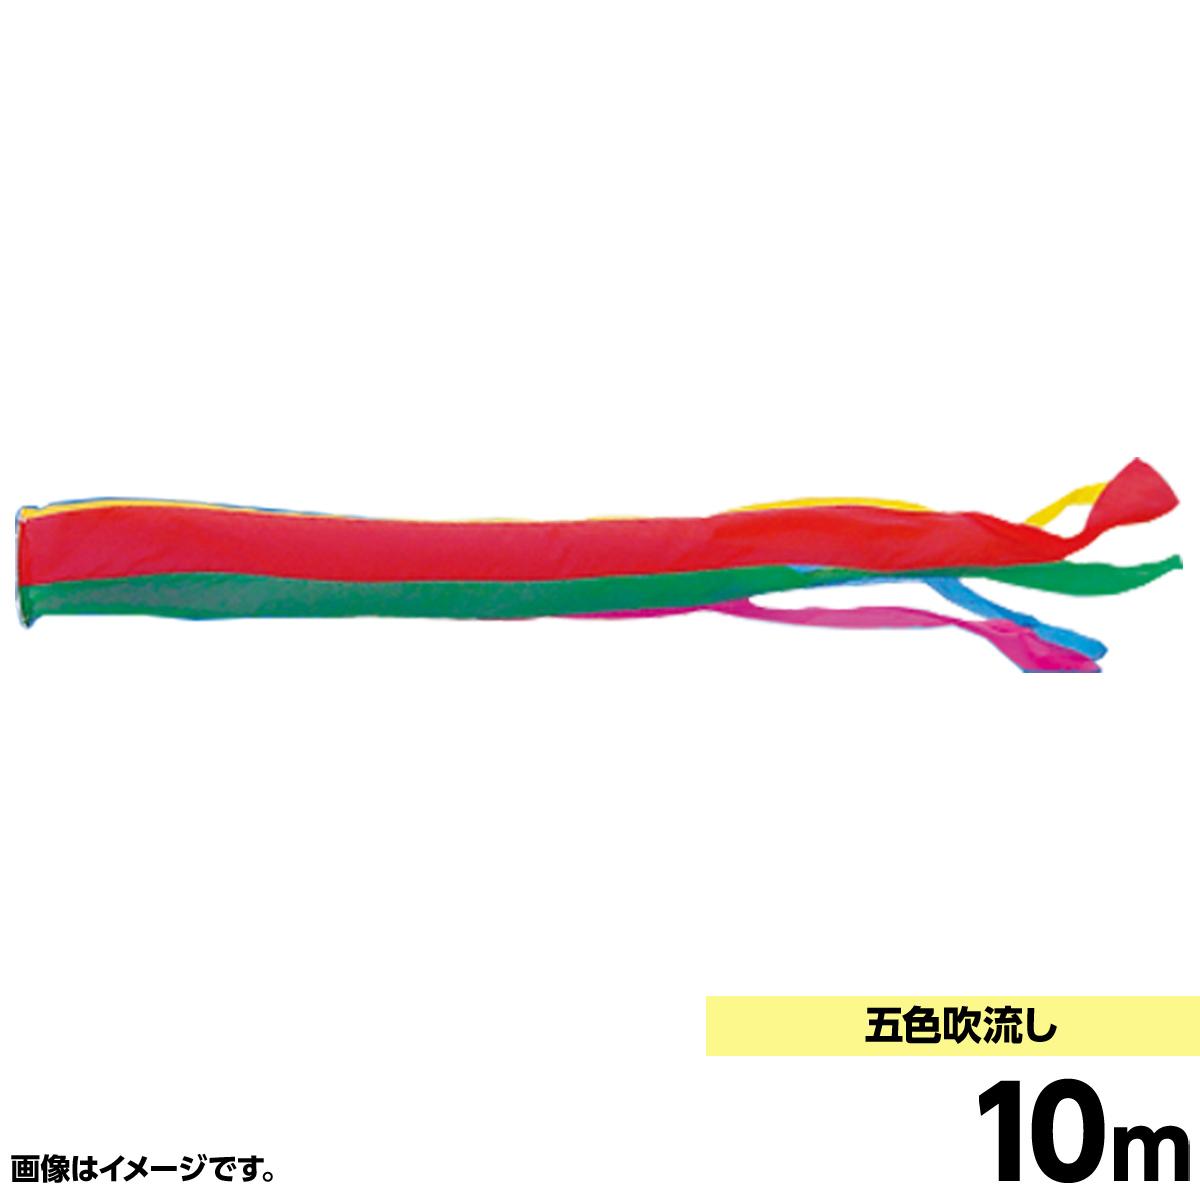 【2020年 新作】 【鯉のぼり 単品】【こいのぼり 単品】 キング印 五色 吹流10m こいのぼり 単品 人形広場